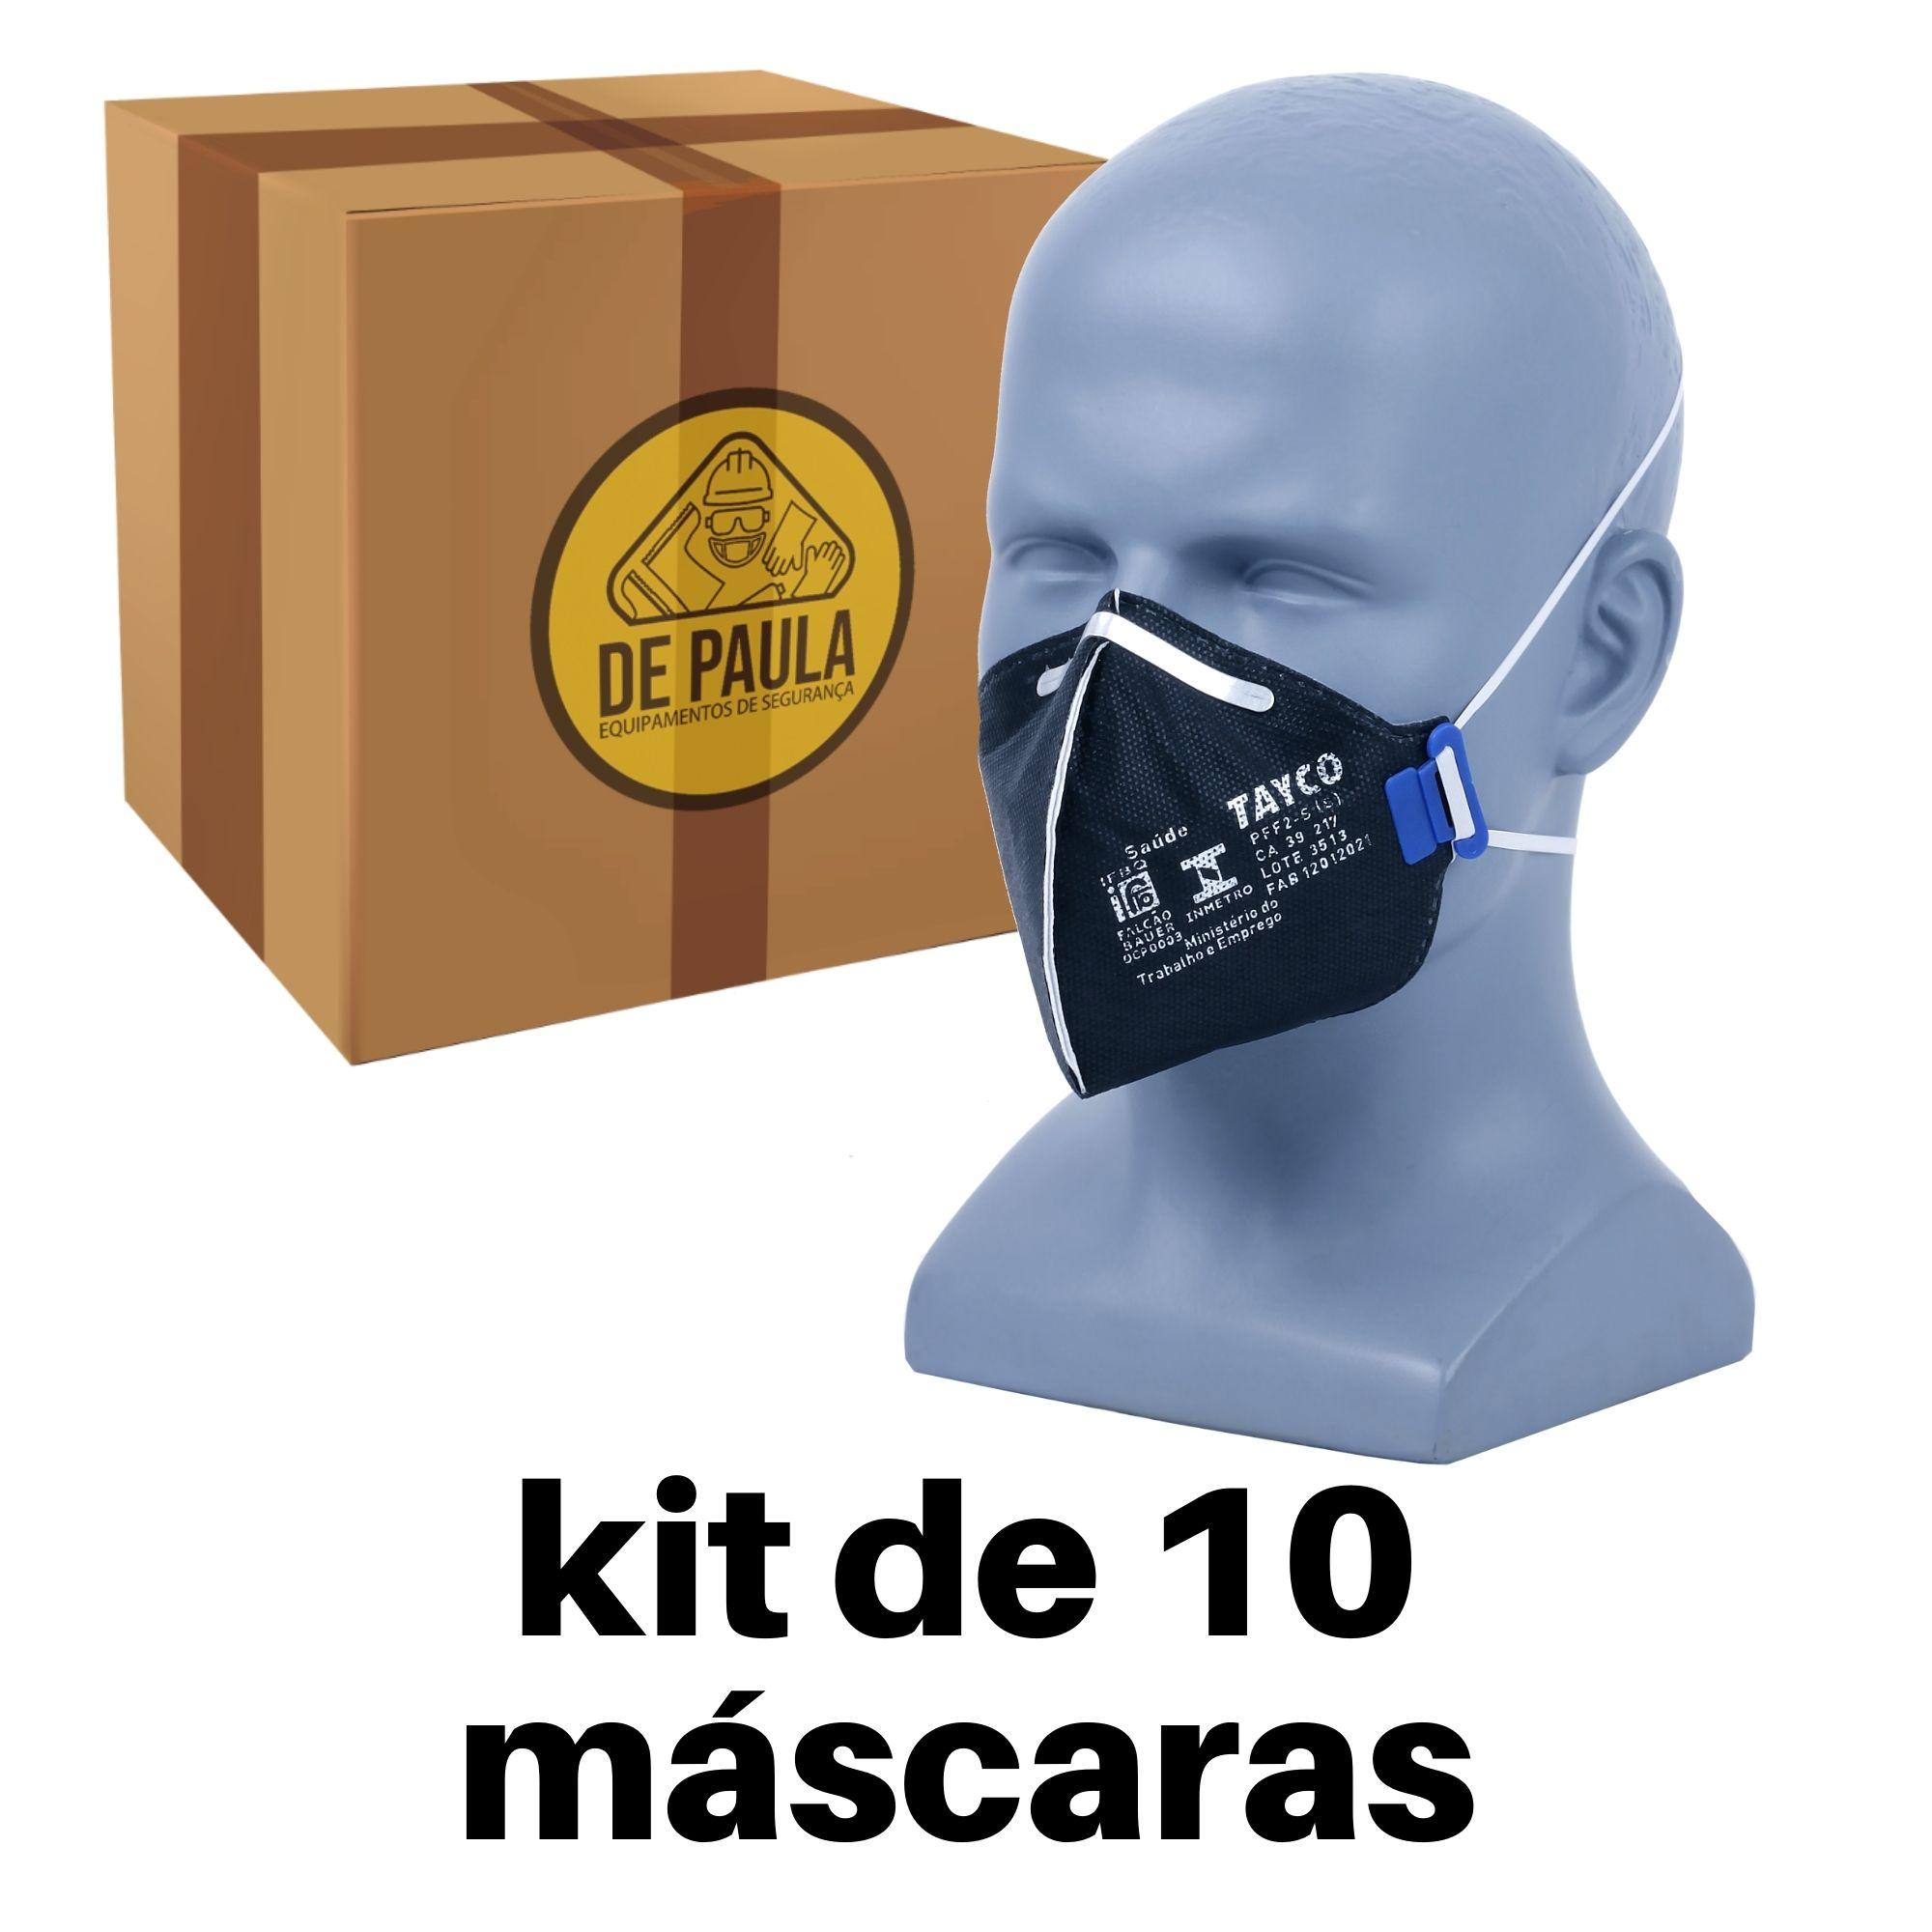 10 UNIDADES - PFF2-S CARVÃO ATIVADO -------PRETA TAYCO  - DE PAULA EPI